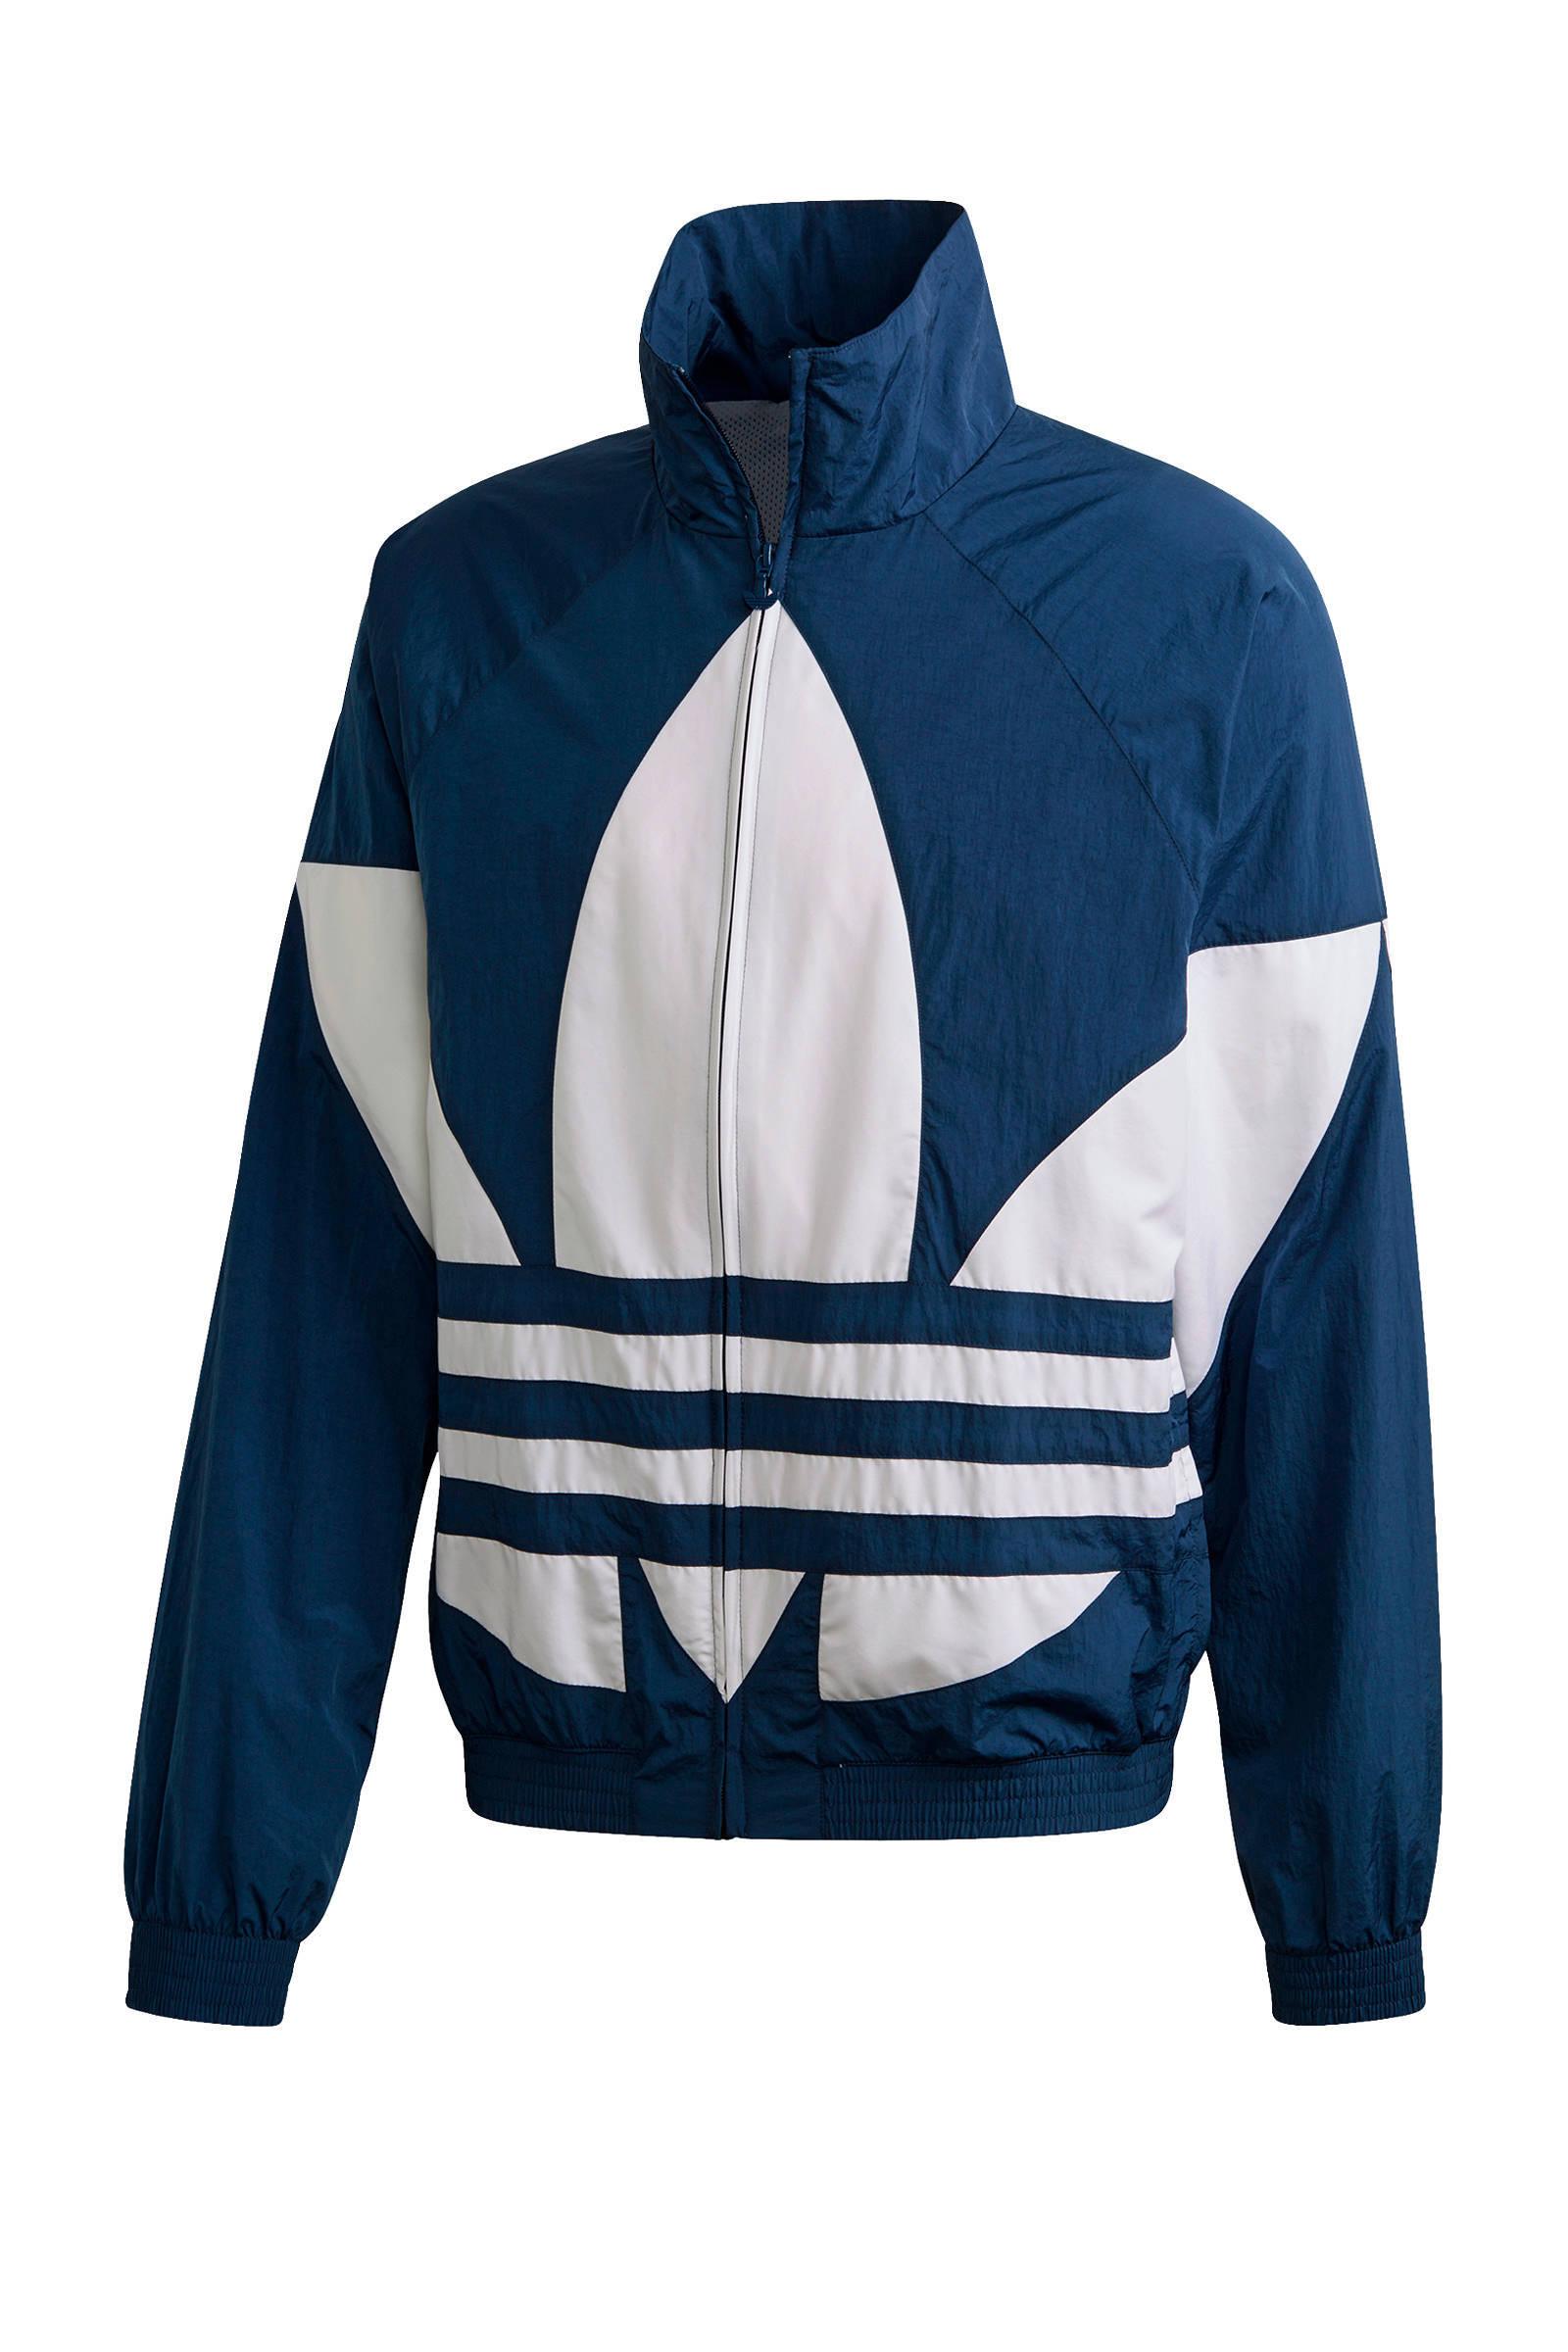 adidas heren jassen bij wehkamp Gratis bezorging vanaf 20.